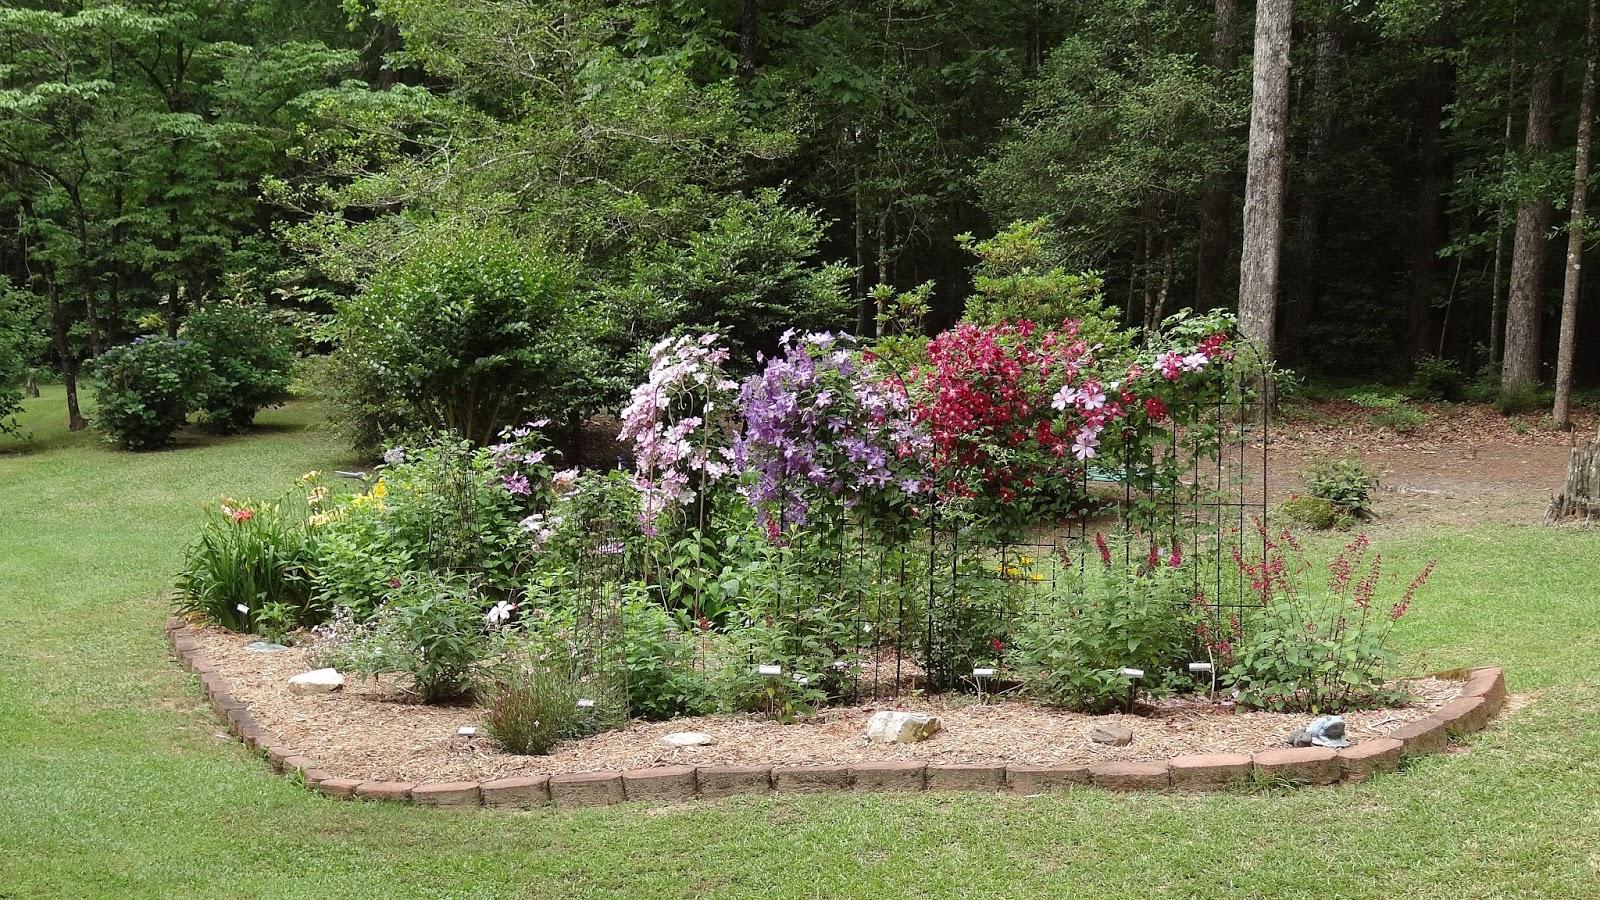 Sheris Healing Flower Garden